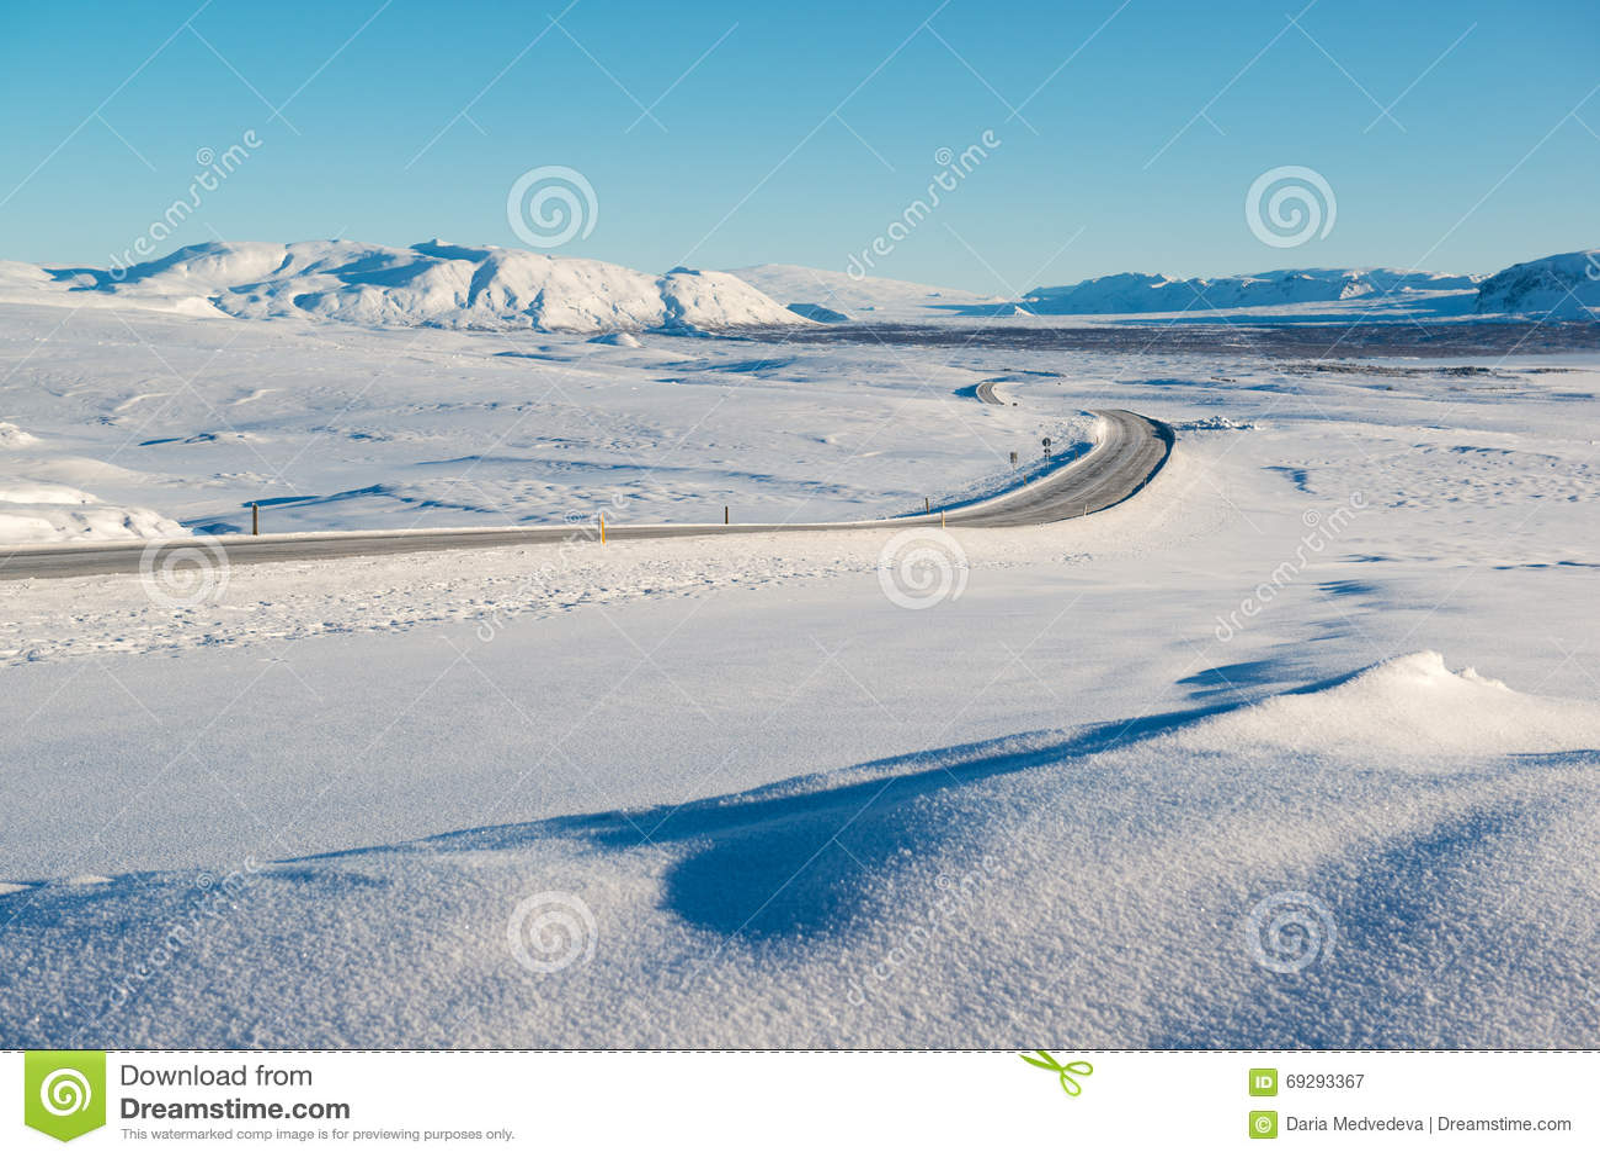 冬天风景,雪围拢的空的路加盖了山,冰岛